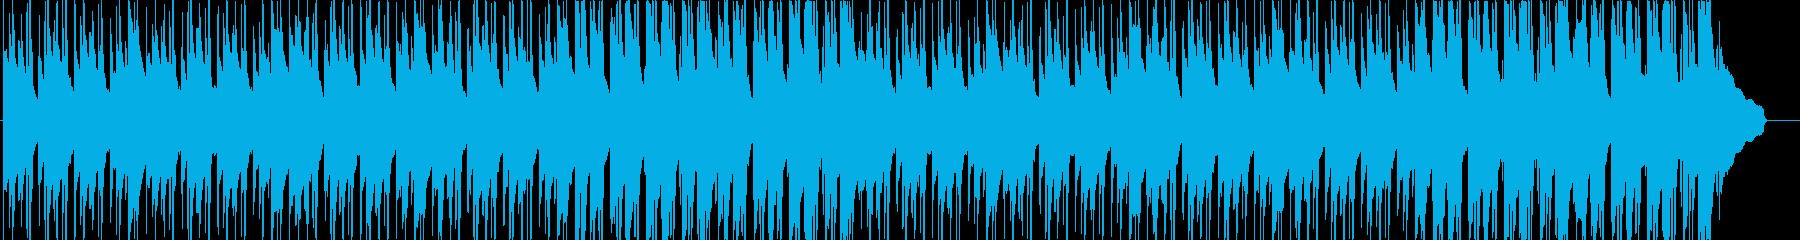 手拍子でポップなわくわくするイメージの再生済みの波形